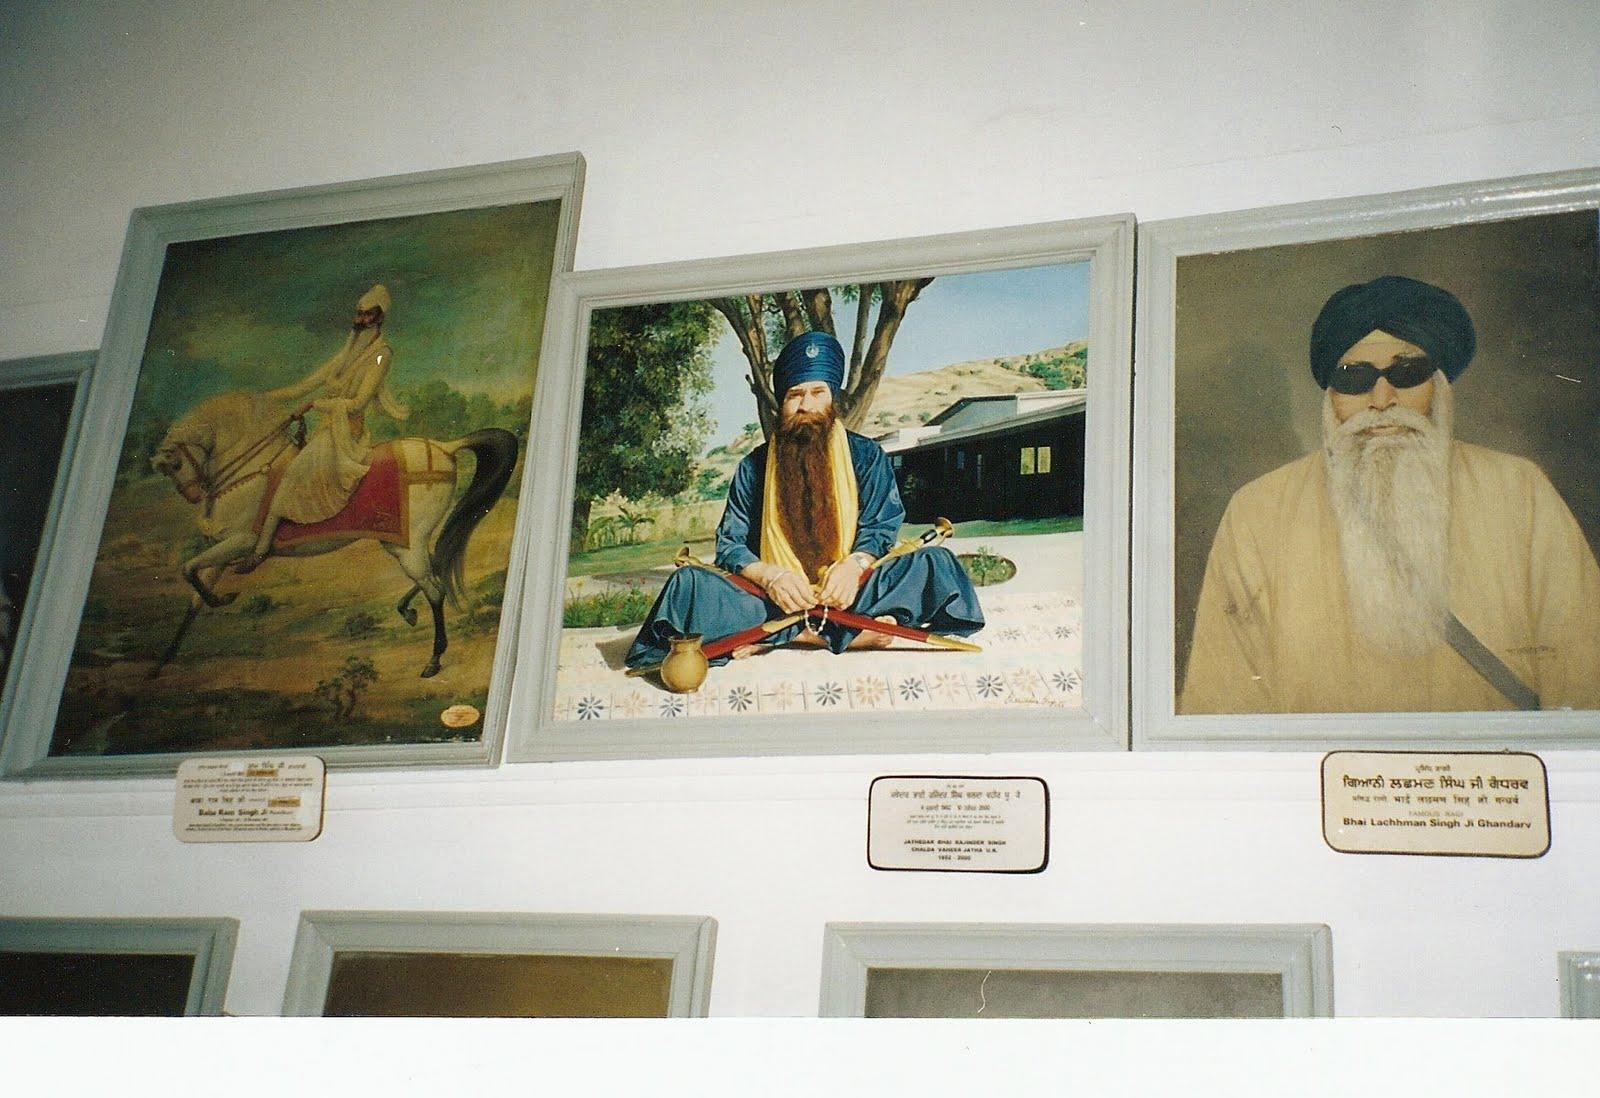 Sikh Museum in Amritsar Museum in Amritsar